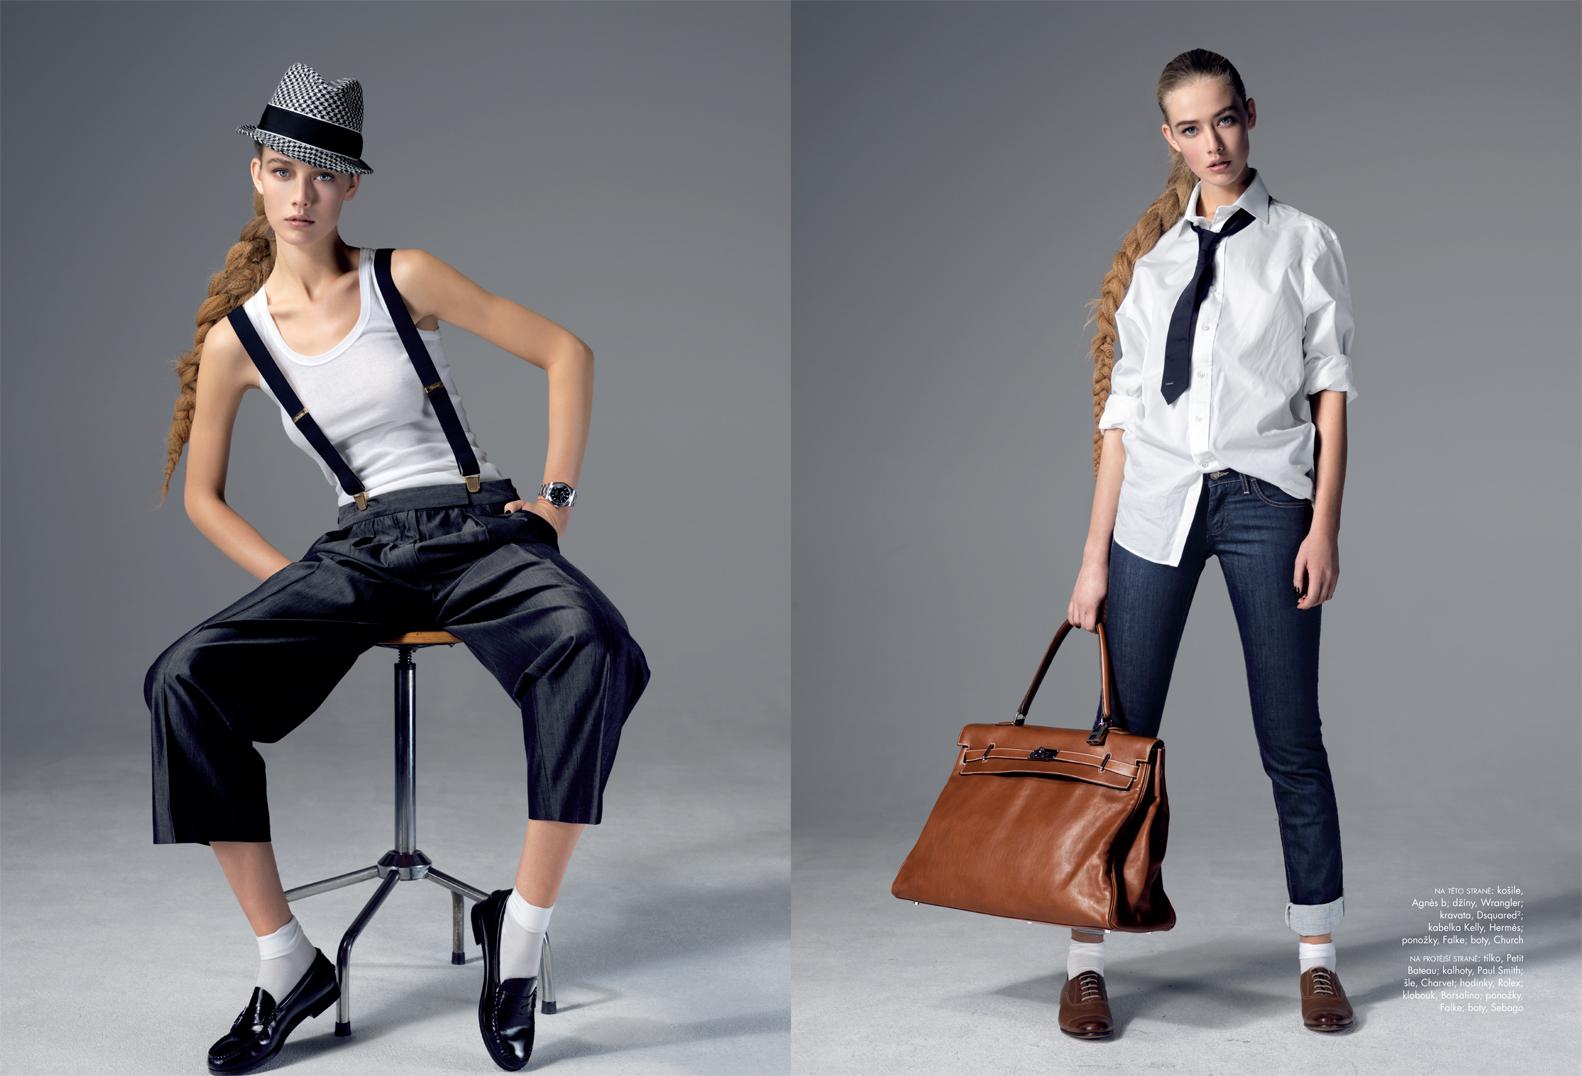 fashion_masculin-2.jpg